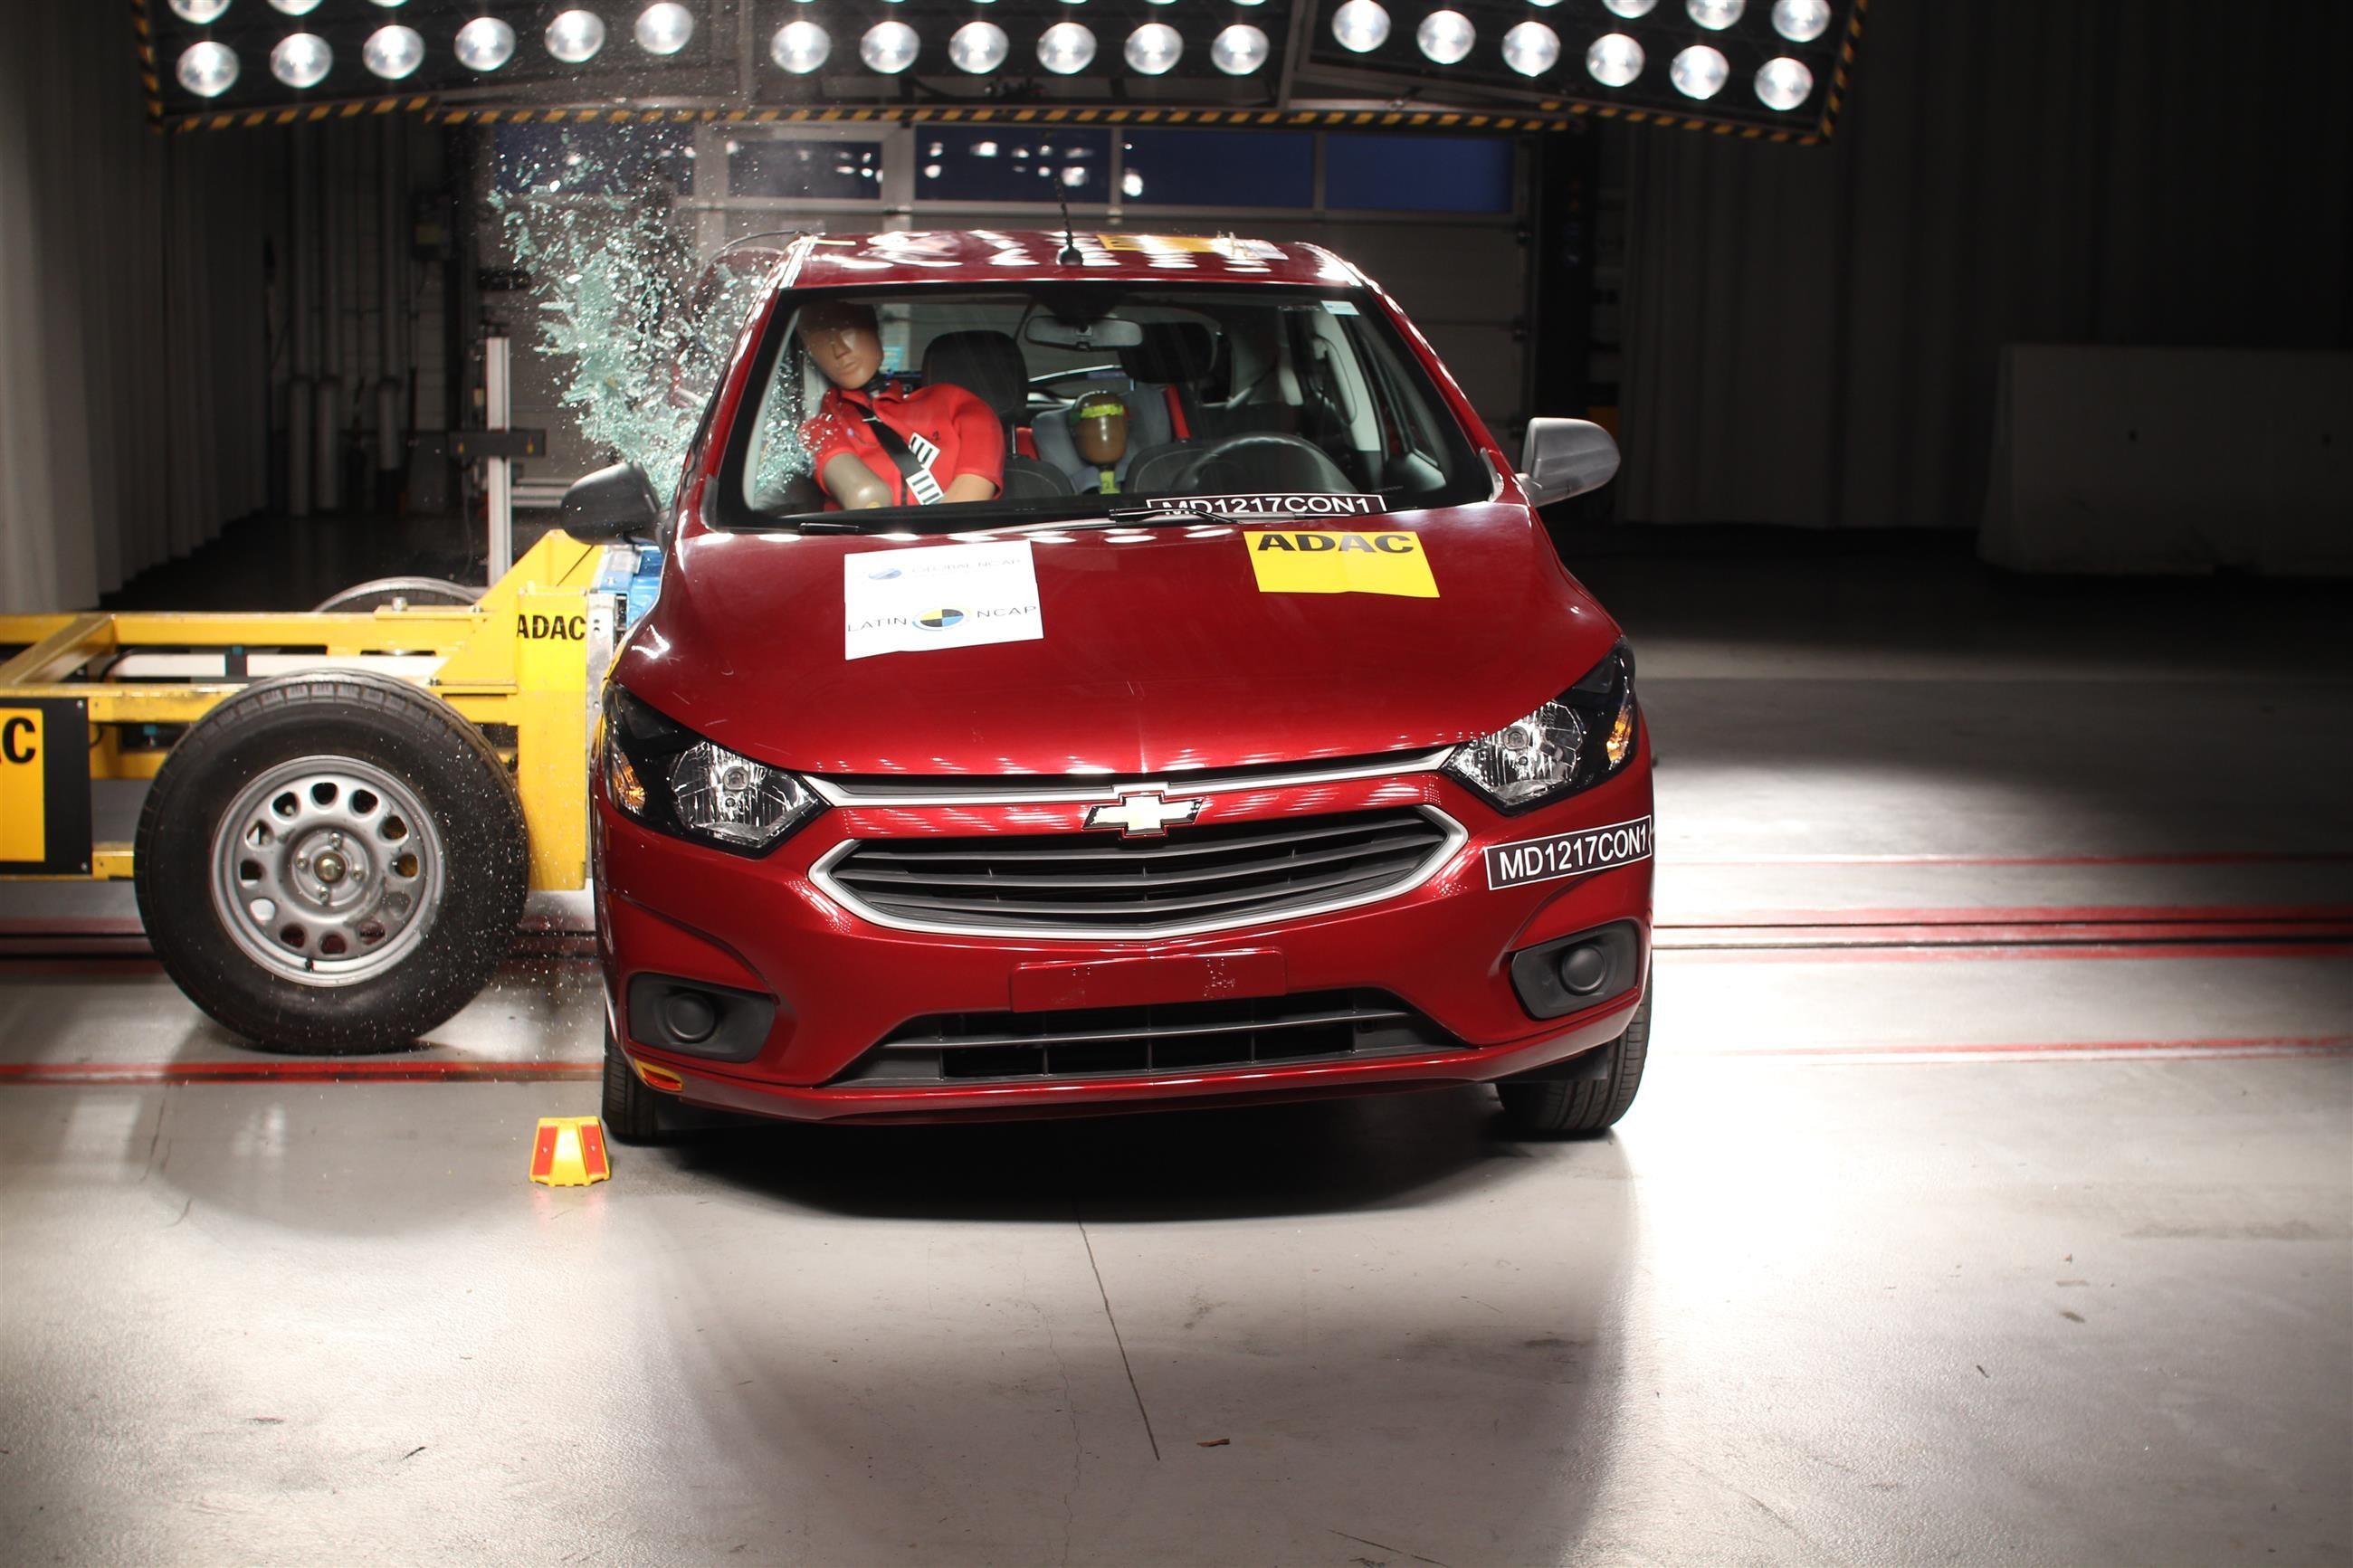 Ministério Público pede à Justiça recall de 1,2 milhão de Chevrolet Onix no Brasil